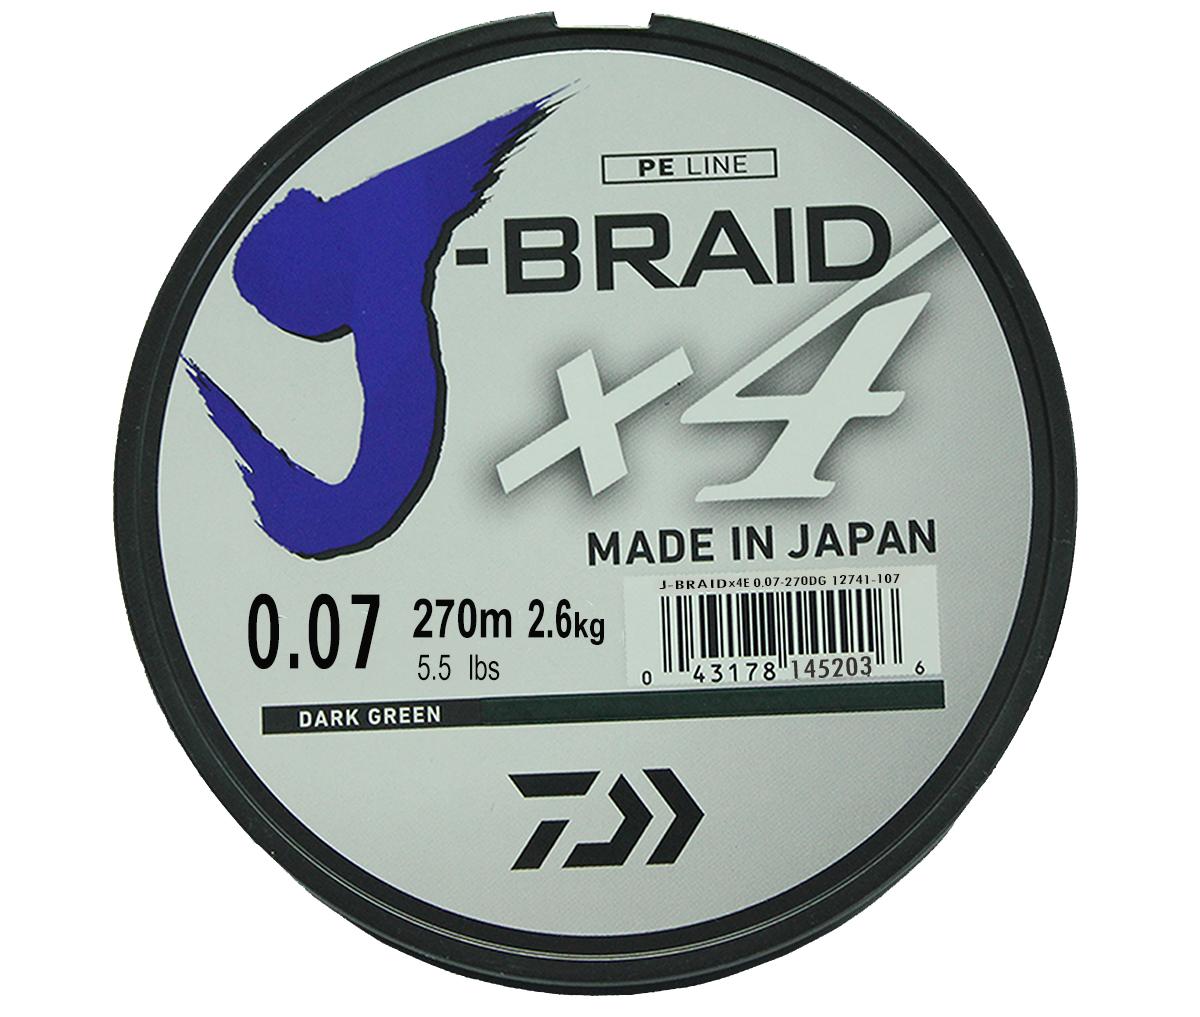 Леска плетеная DAIWA J-Braid X4 0,07мм 270 (зеленая)Леска плетеная<br>Новый 4х жильный шнур J-Braid, DAIWA - шнур высокого <br>класса с удивительным соотношением цены <br>и качества. Качество плетения полностью <br>соответствует японским стандартам и удовлетворяет <br>всем требованиям. Представленные диаметры <br>позволяют использовать шнур для всех техник <br>ловли, начиная от ultra- light ловли окуня, до <br>морской ловли палтуса, трески и т.д.<br>